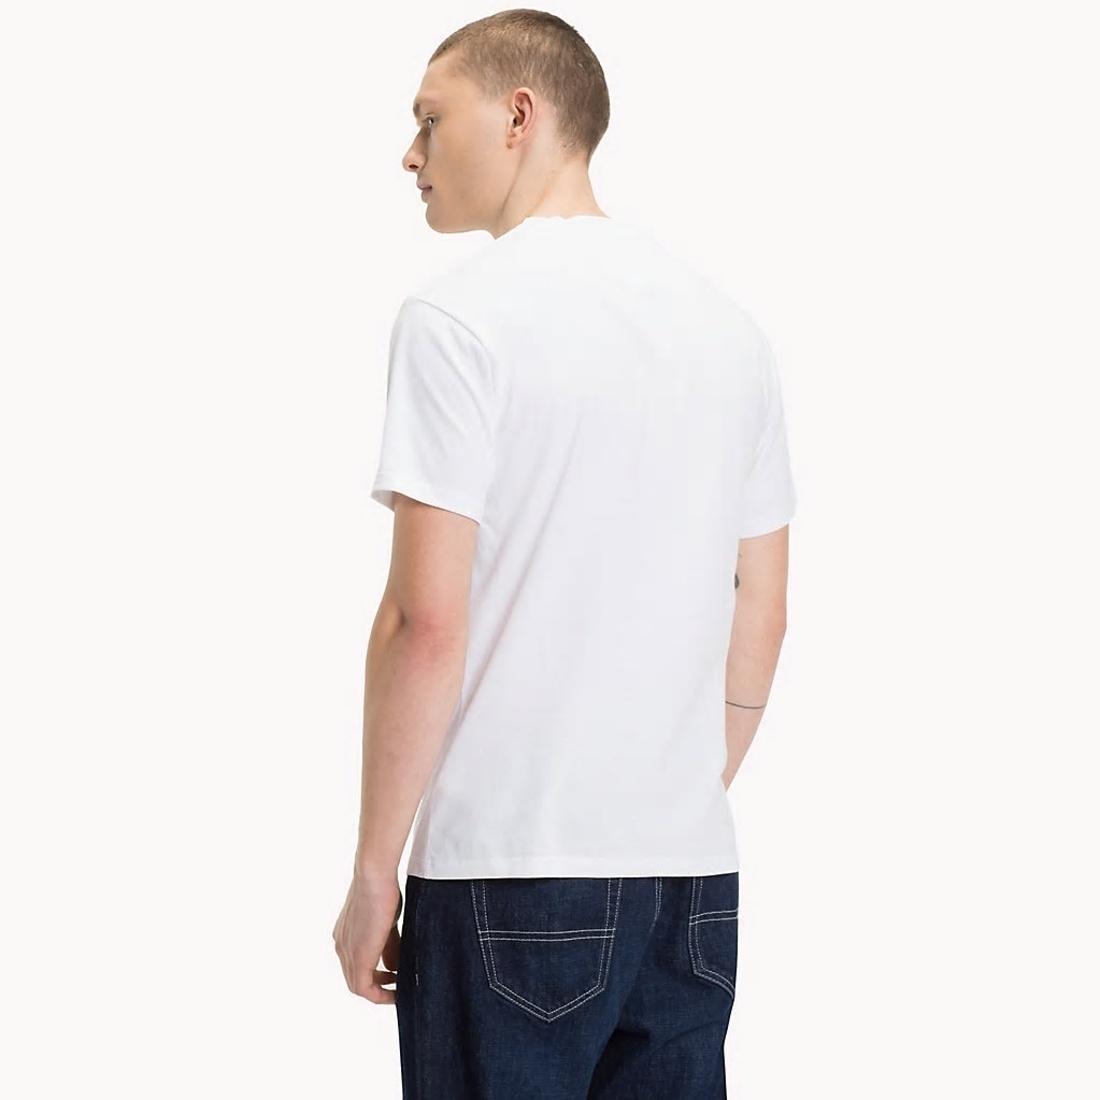 Tommy Hilfiger pánské bílé tričko Essential - Mode.cz eb2624dcf1